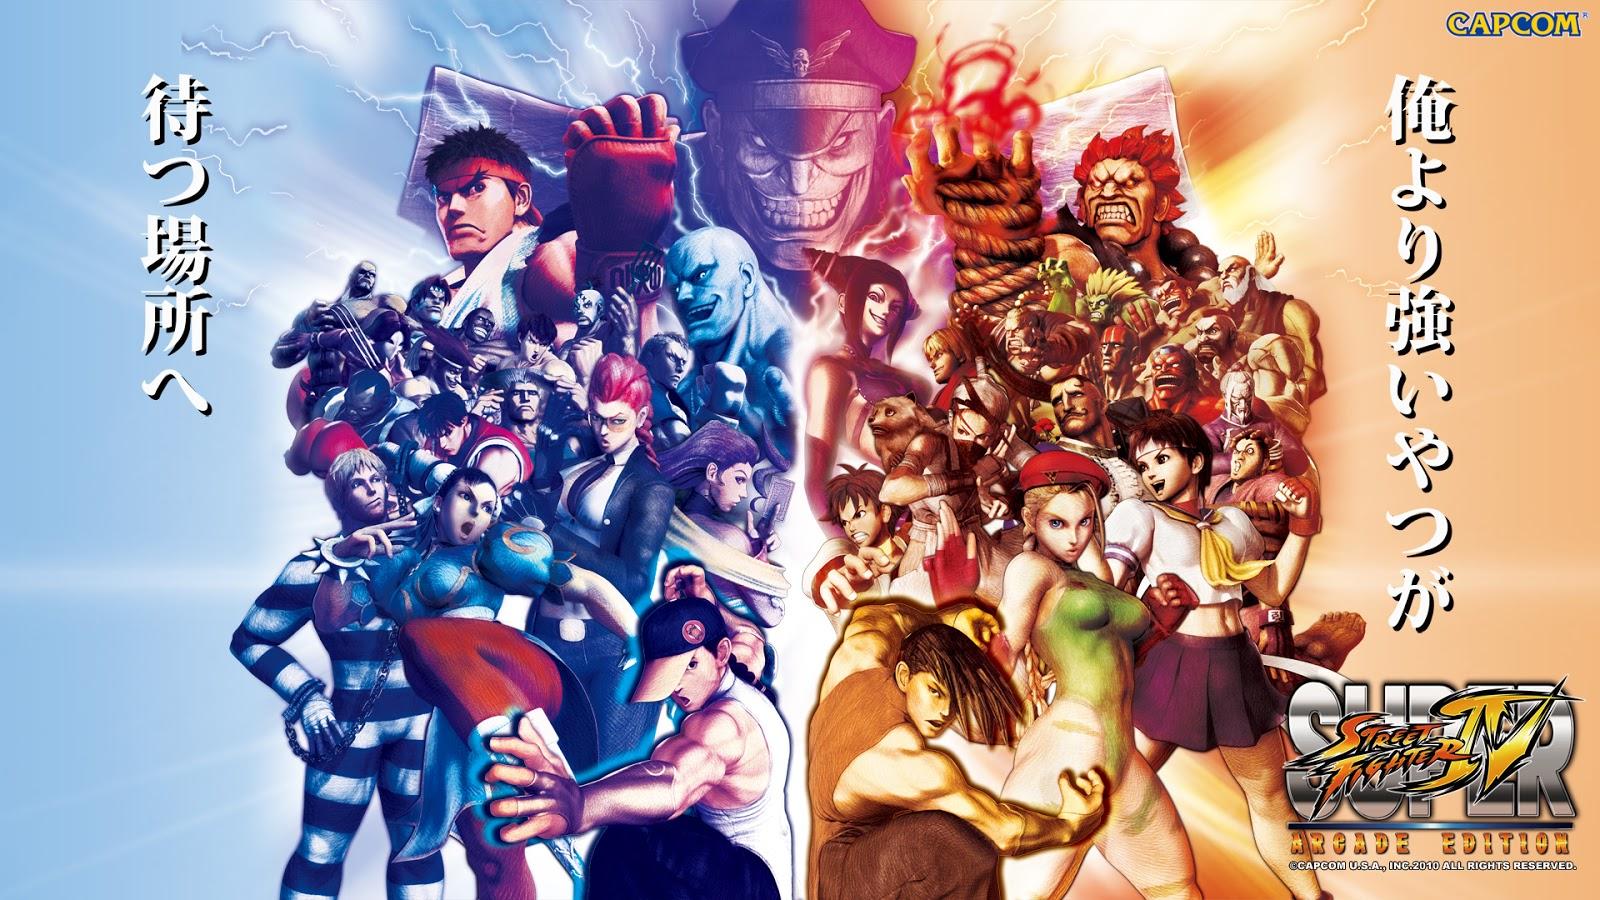 http://1.bp.blogspot.com/-WJfXv69gTqc/UIQMgloL-vI/AAAAAAAABBY/TKyfDDXtbgI/s1600/Super_Street_Fighter_IV_-_Arcade_Japanese_wallpaper.jpg